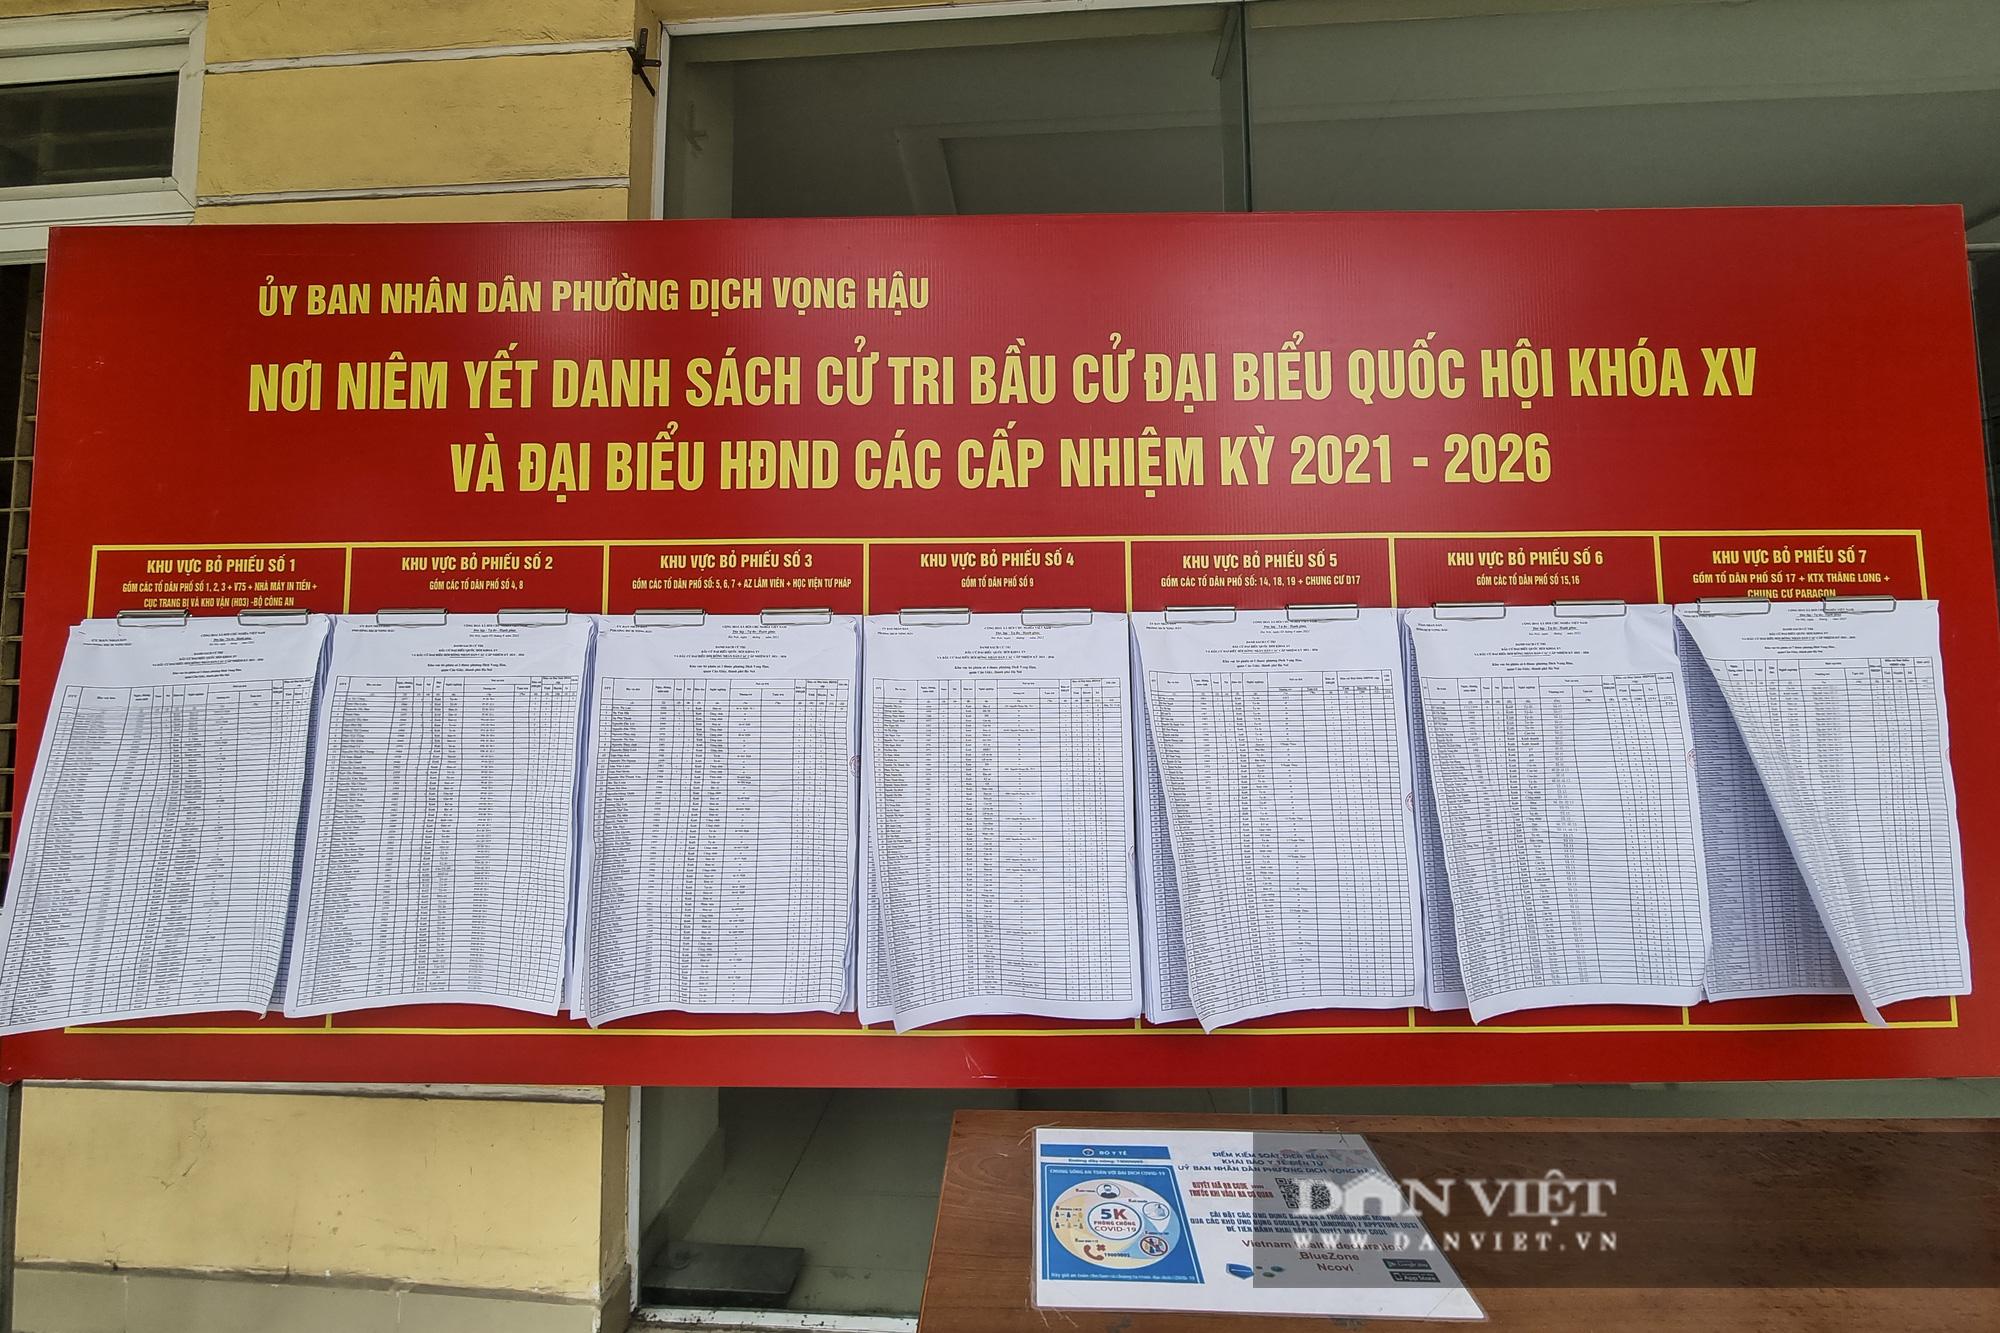 Đường phố Hà Nội trang hoàng rực rỡ trước ngày bầu cử - Ảnh 11.